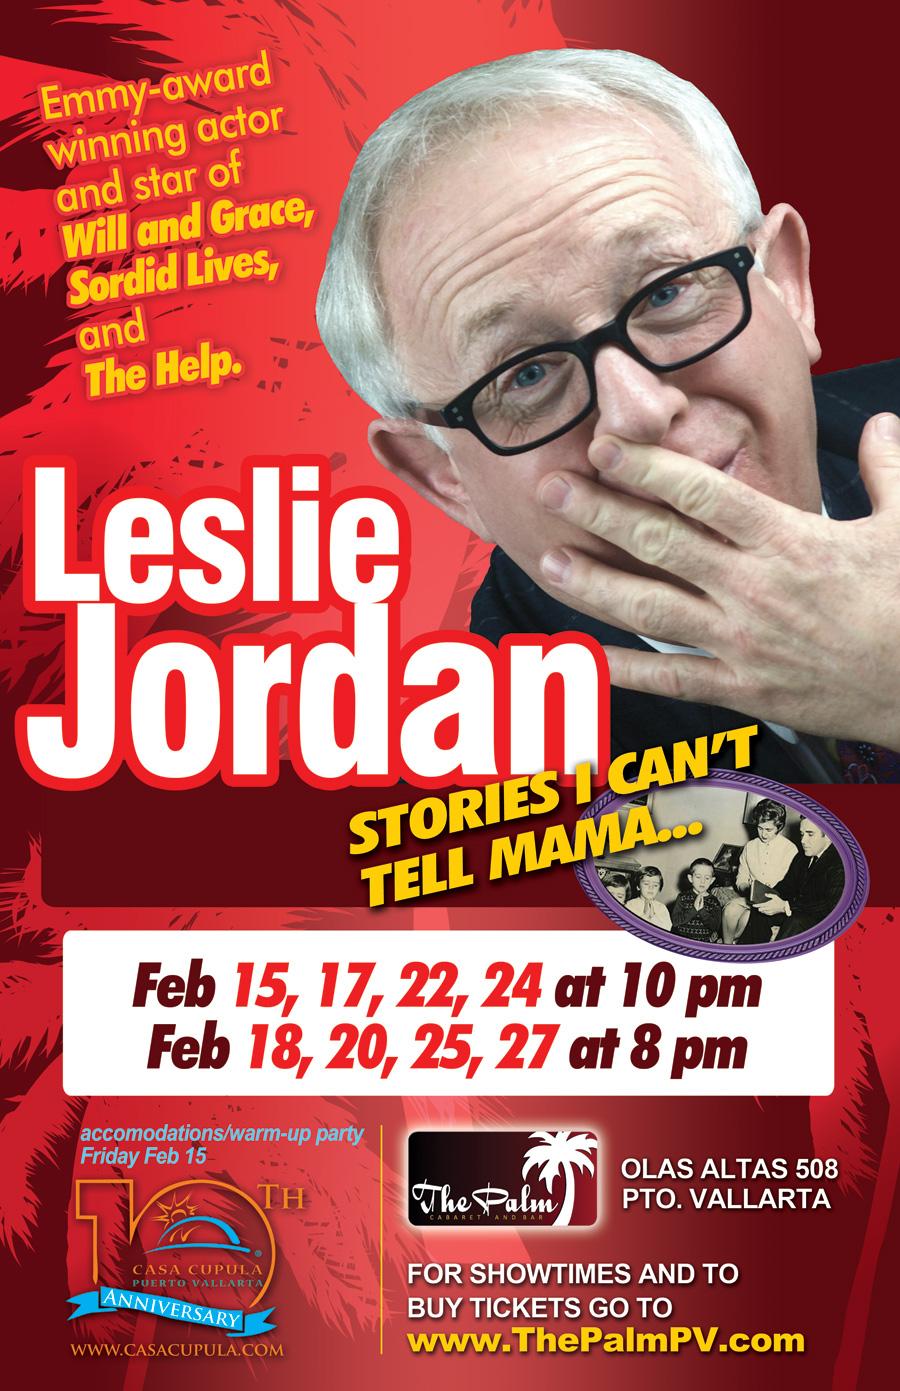 LeslieJordan-ThePalm-Poster-Feb13